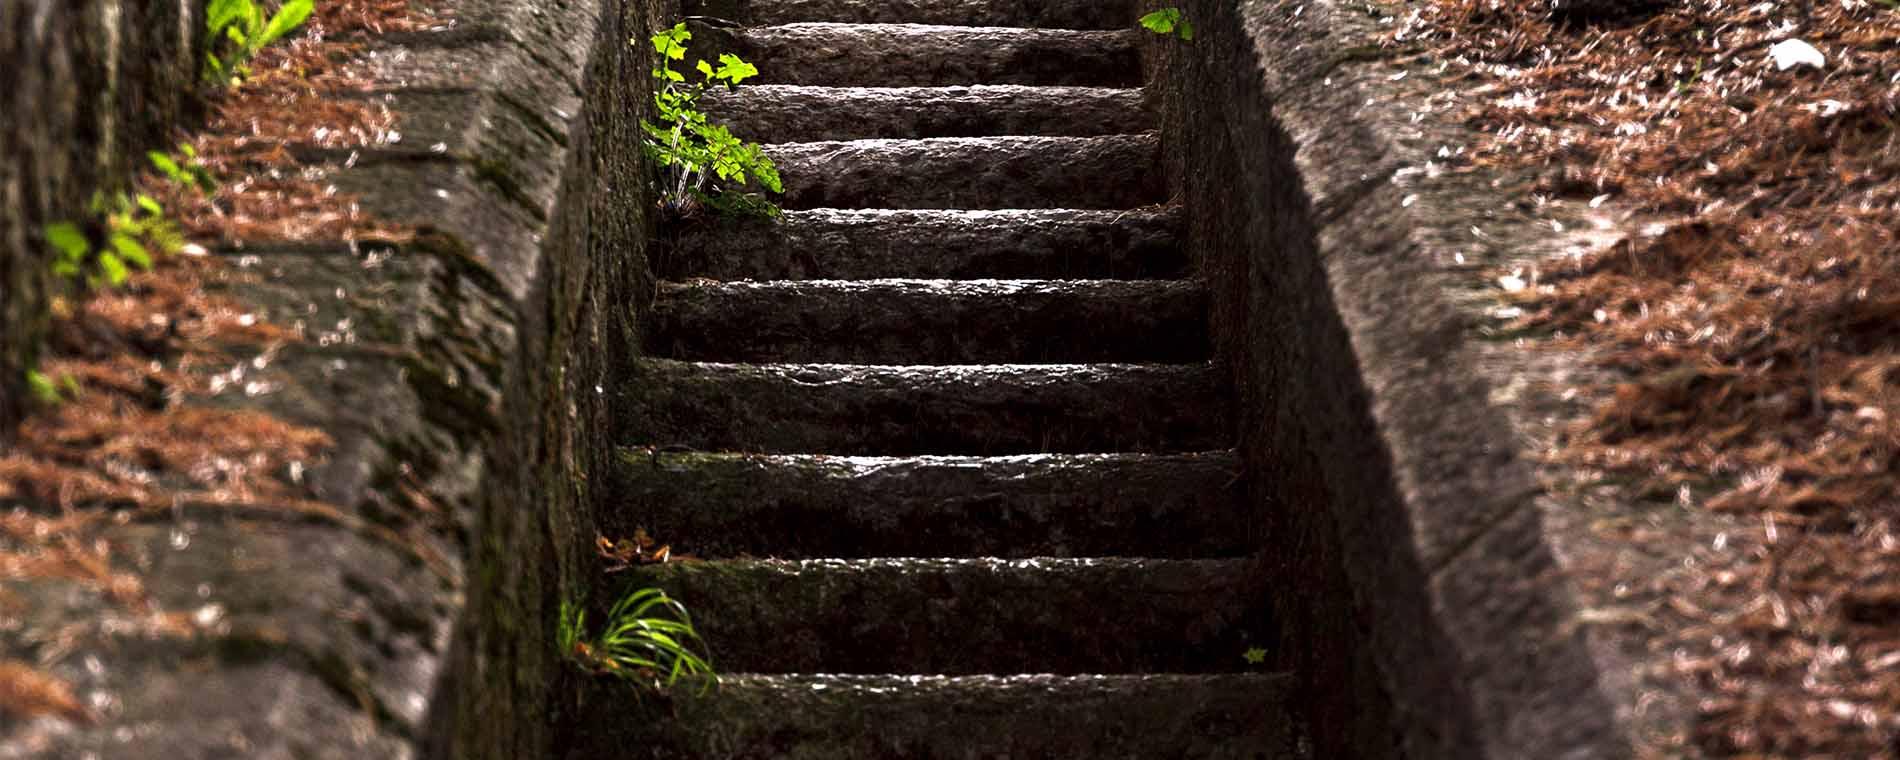 Don Diseño La escalera del diseño - Aplicar diseño en la empresa no solo es tener un logotipo molon